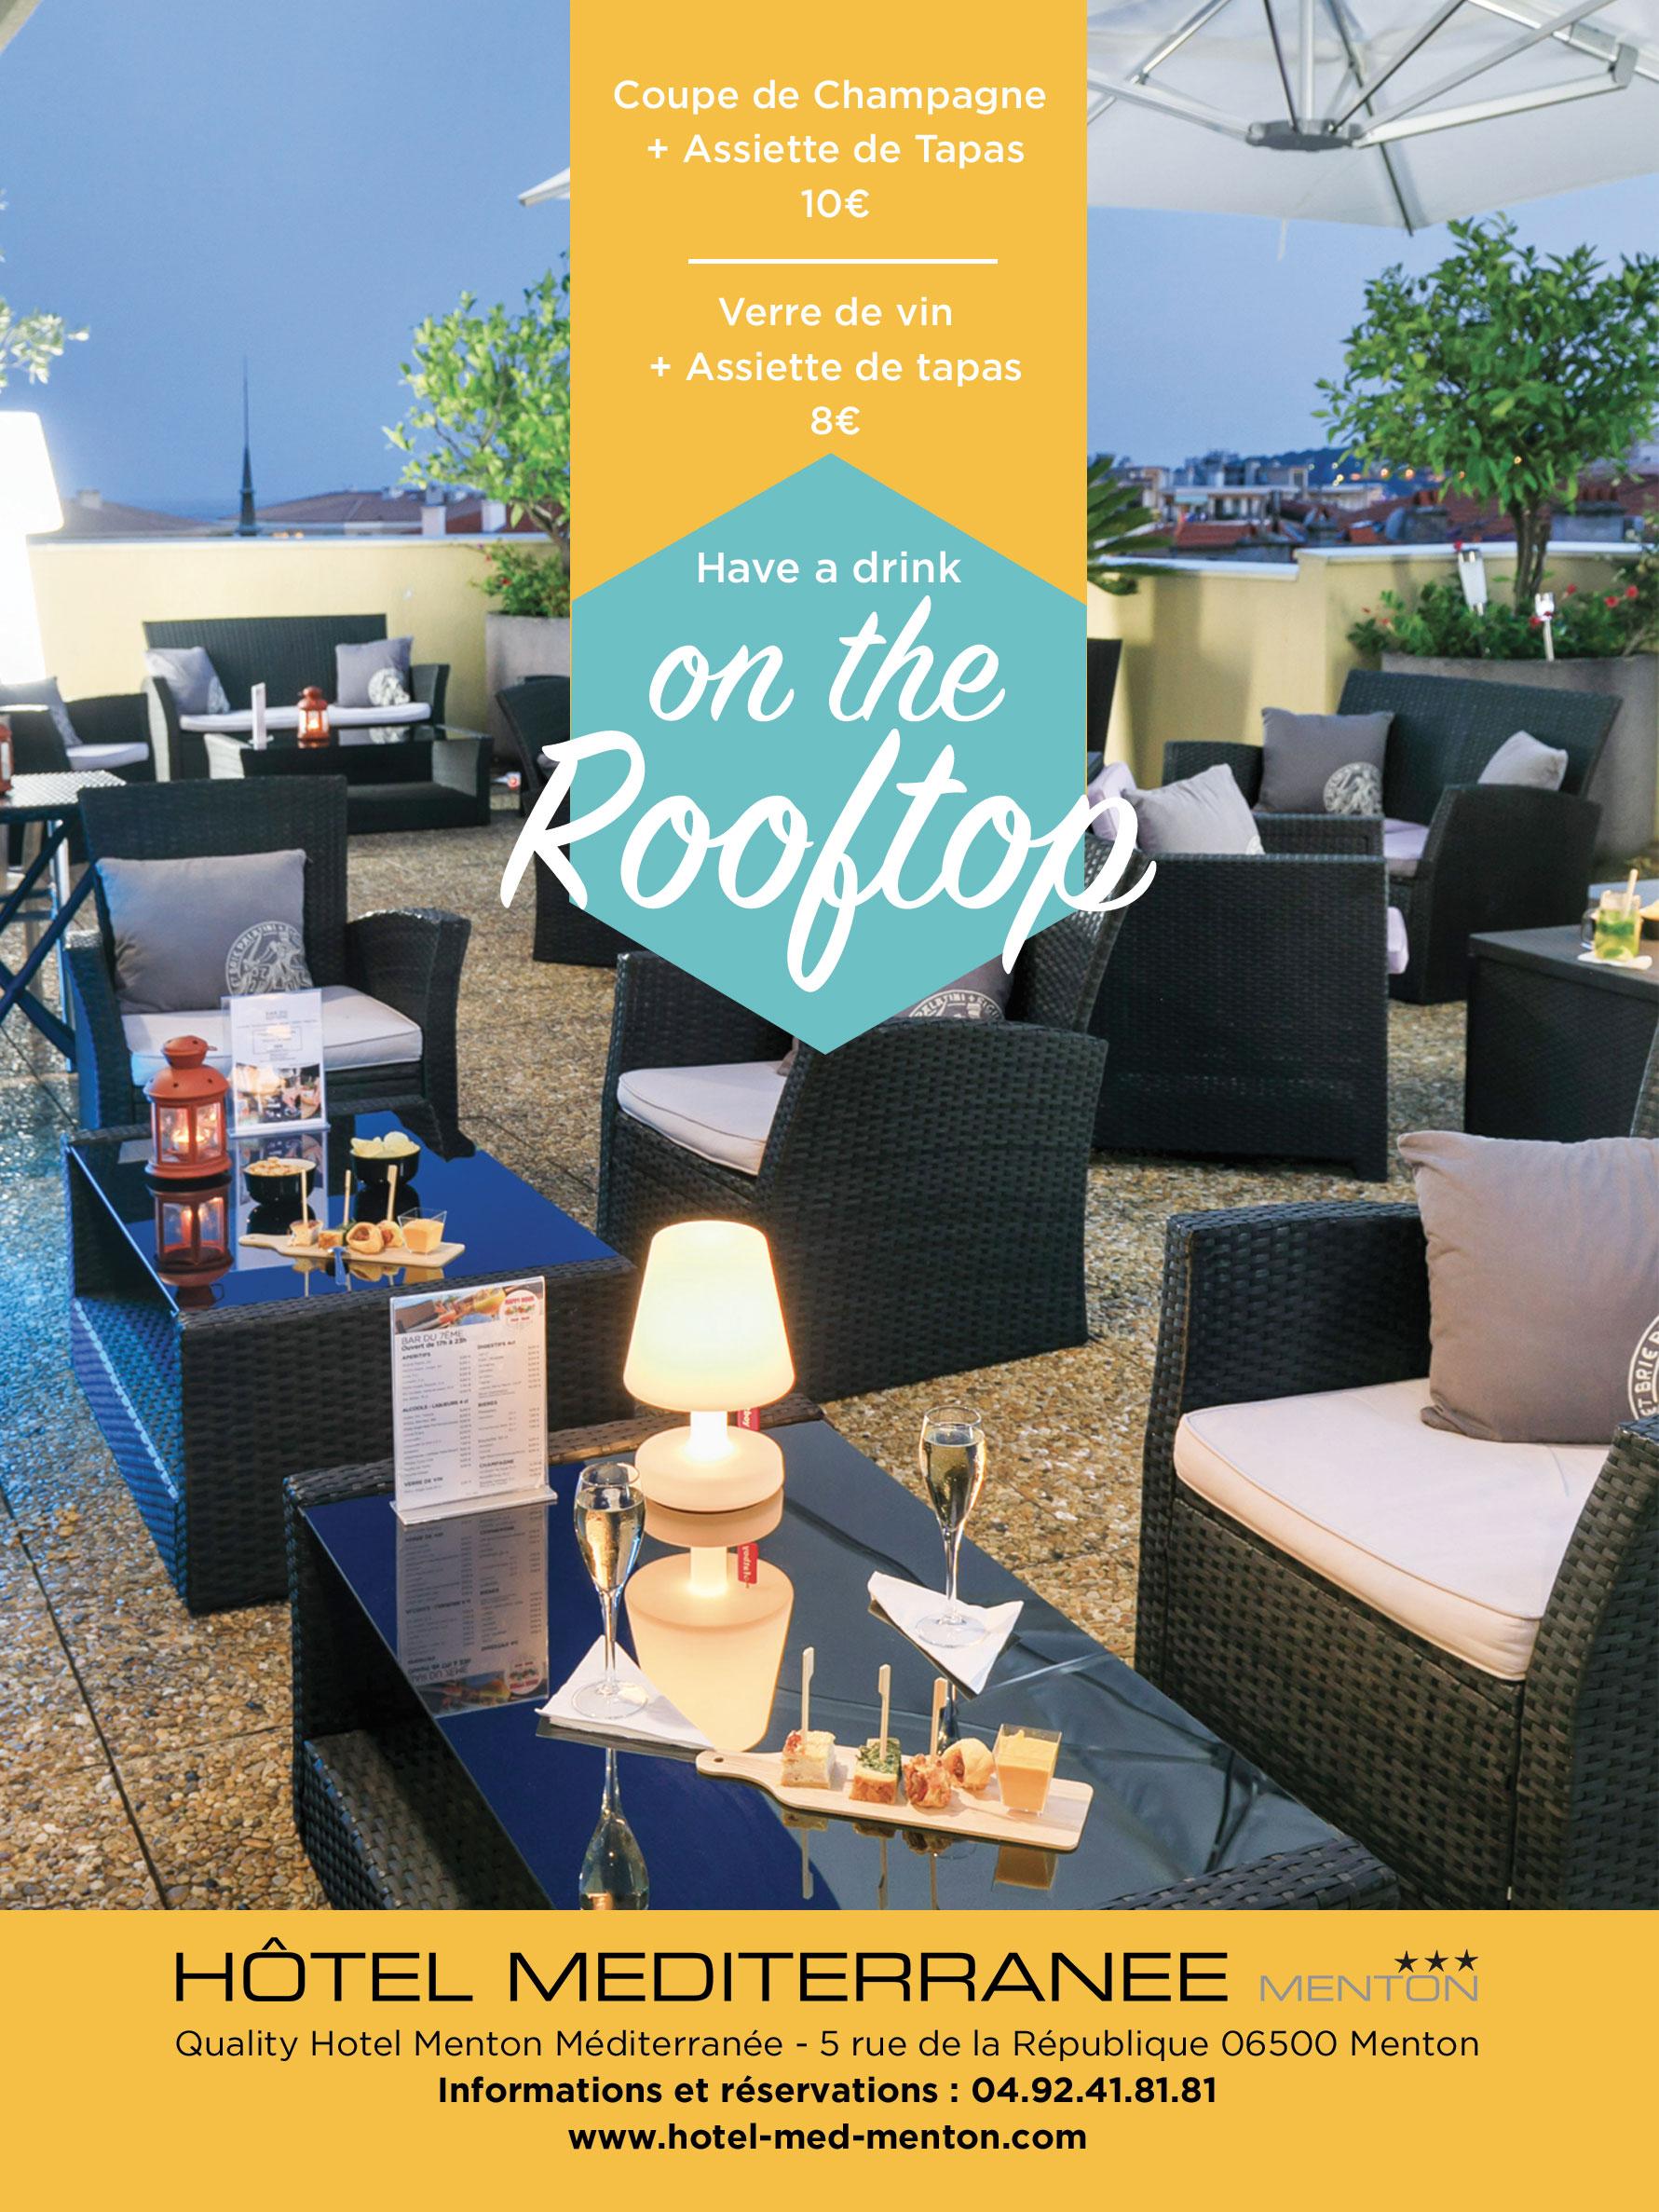 Offre Tapas et Coupe de champagne - Rooftop Quality Hôtel Menton Méditerranée